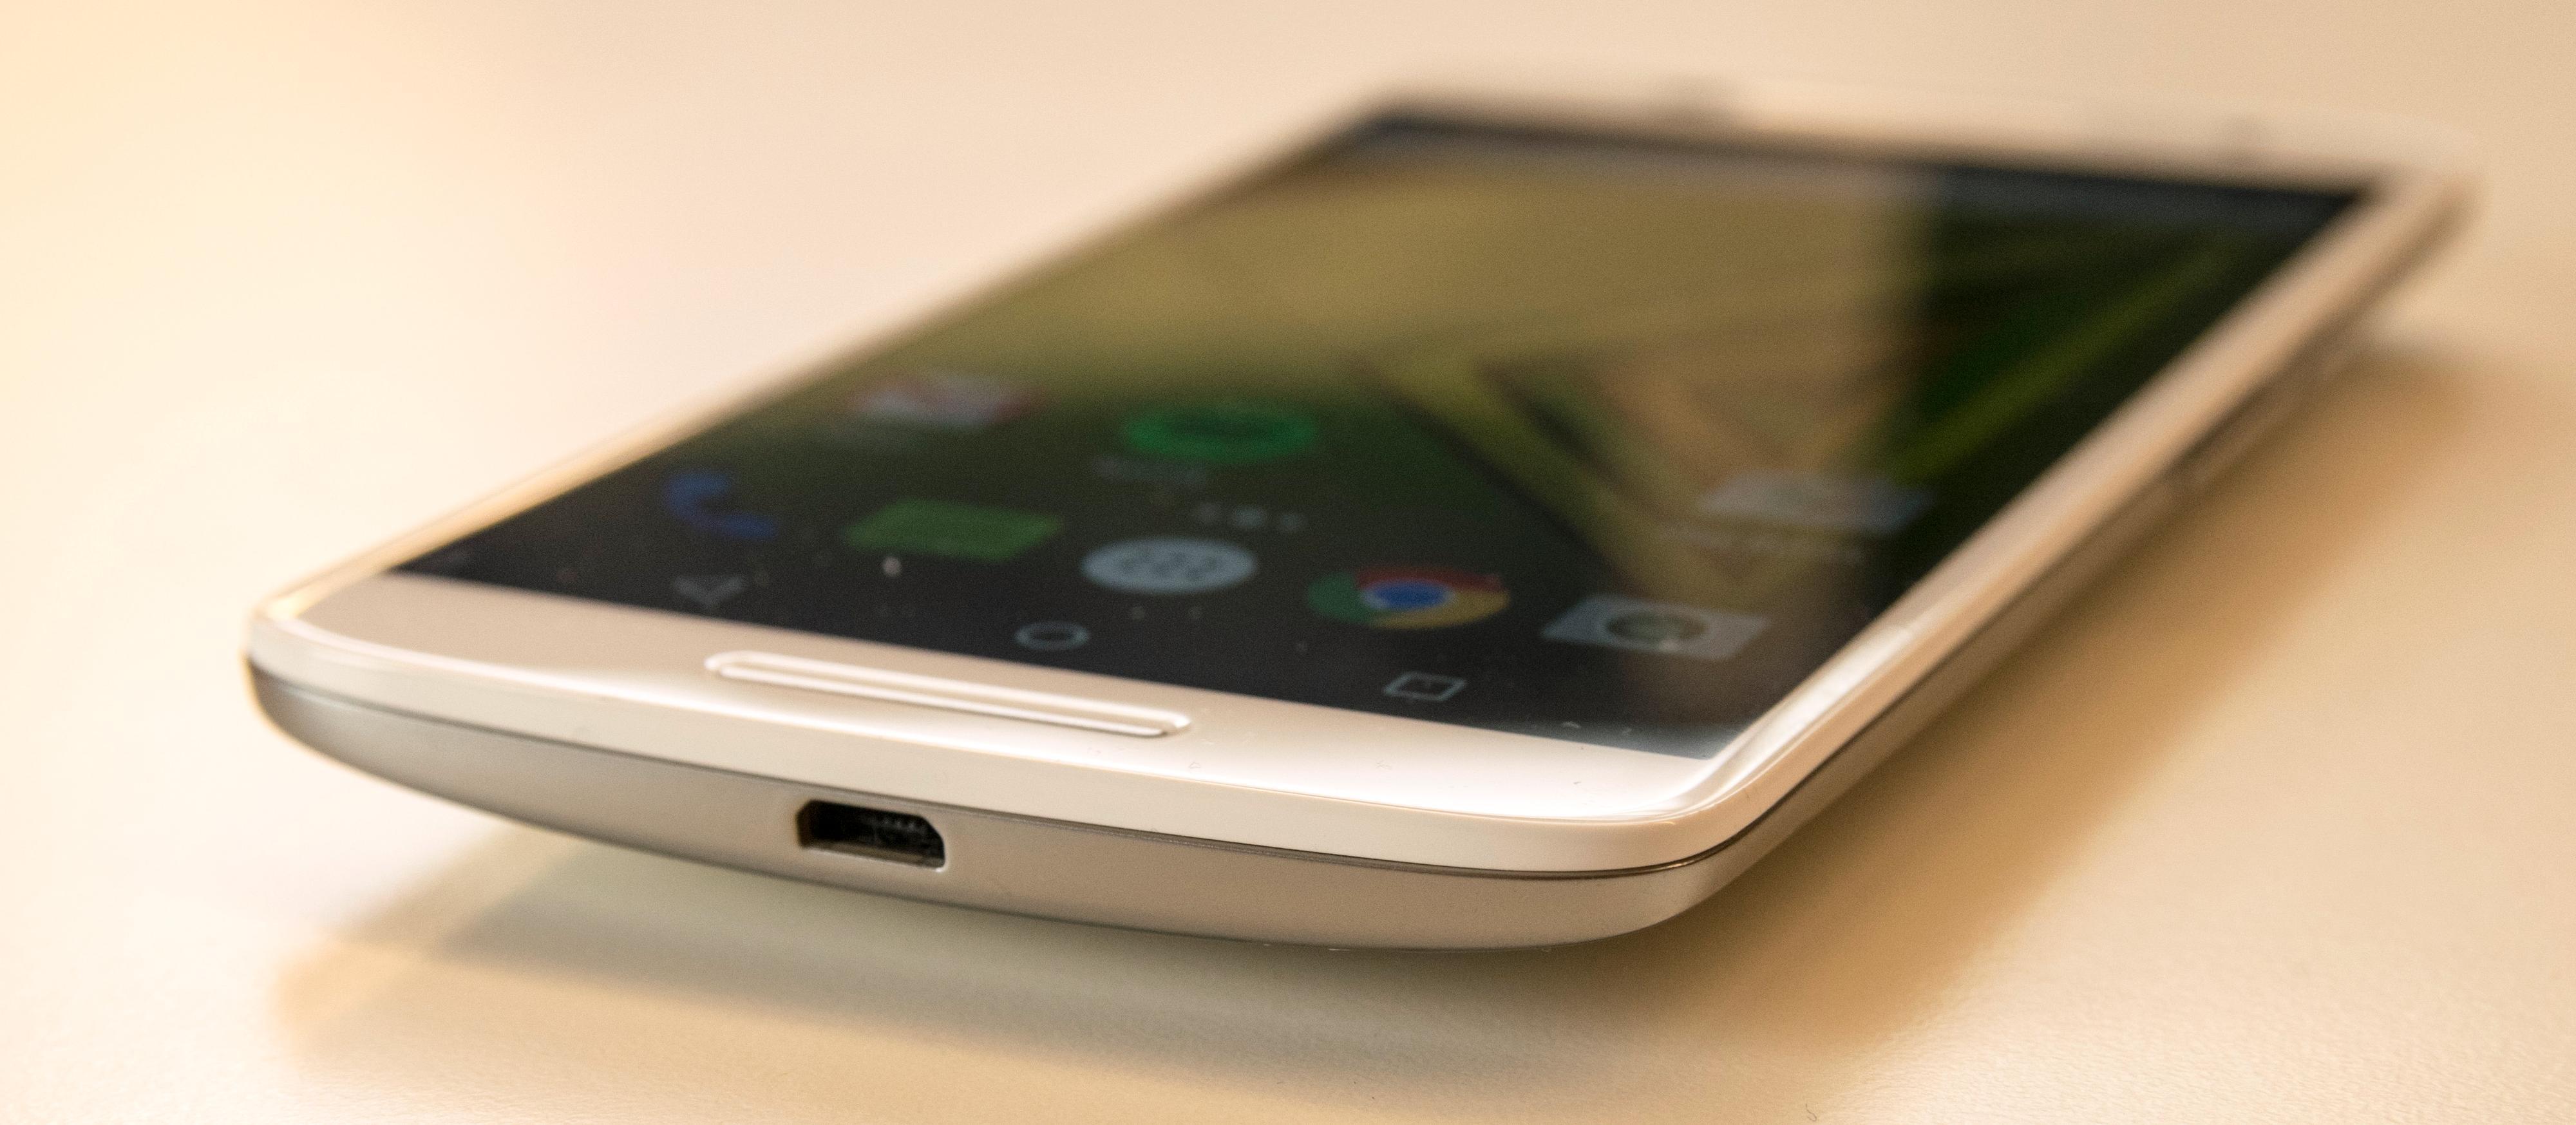 En vanlig Micro USB-kontakt brukes til lading og overføring av filer. Vær obs på at Moto X Play kan bruke ekstremt lang tid på å lade opp det store batteriet om du ikke har rett lader for hånden.